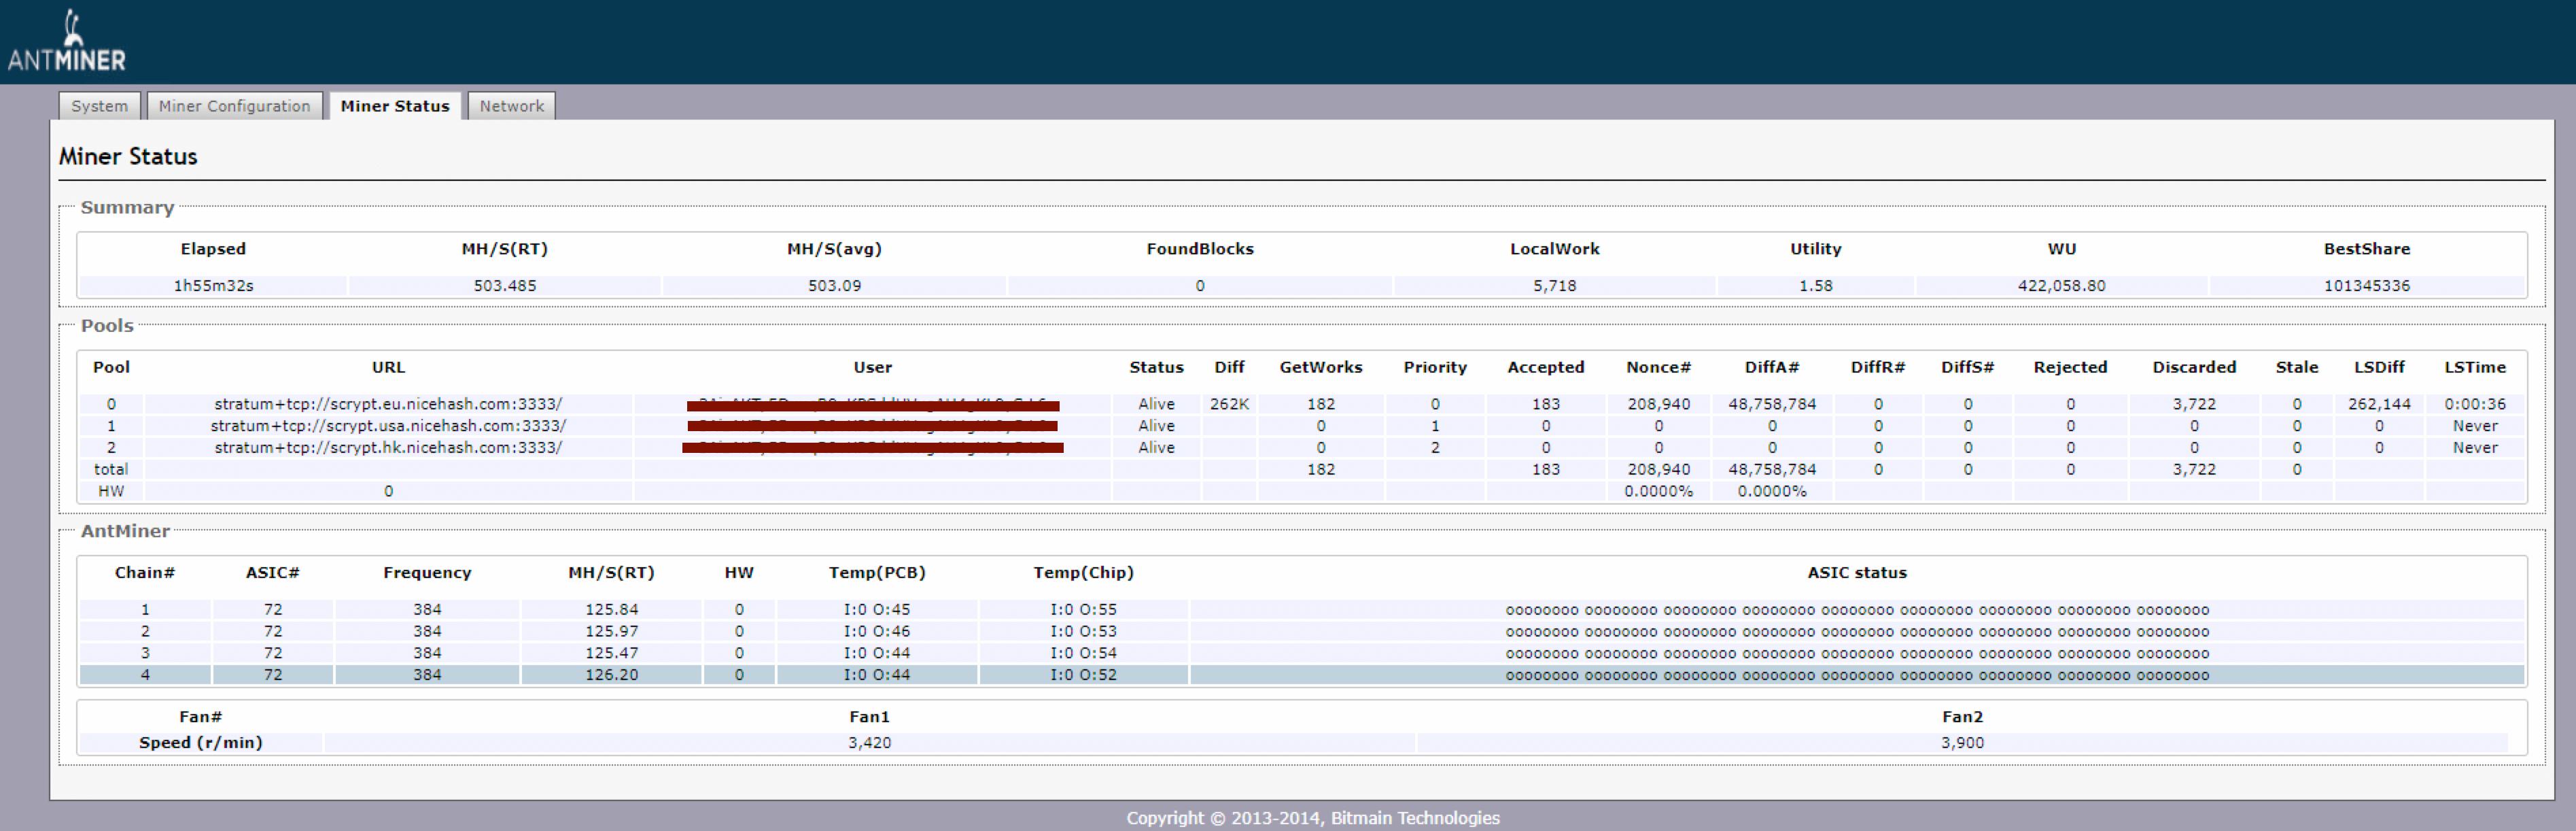 Снимок экрана 2017-11-20 в 12.35.33.png